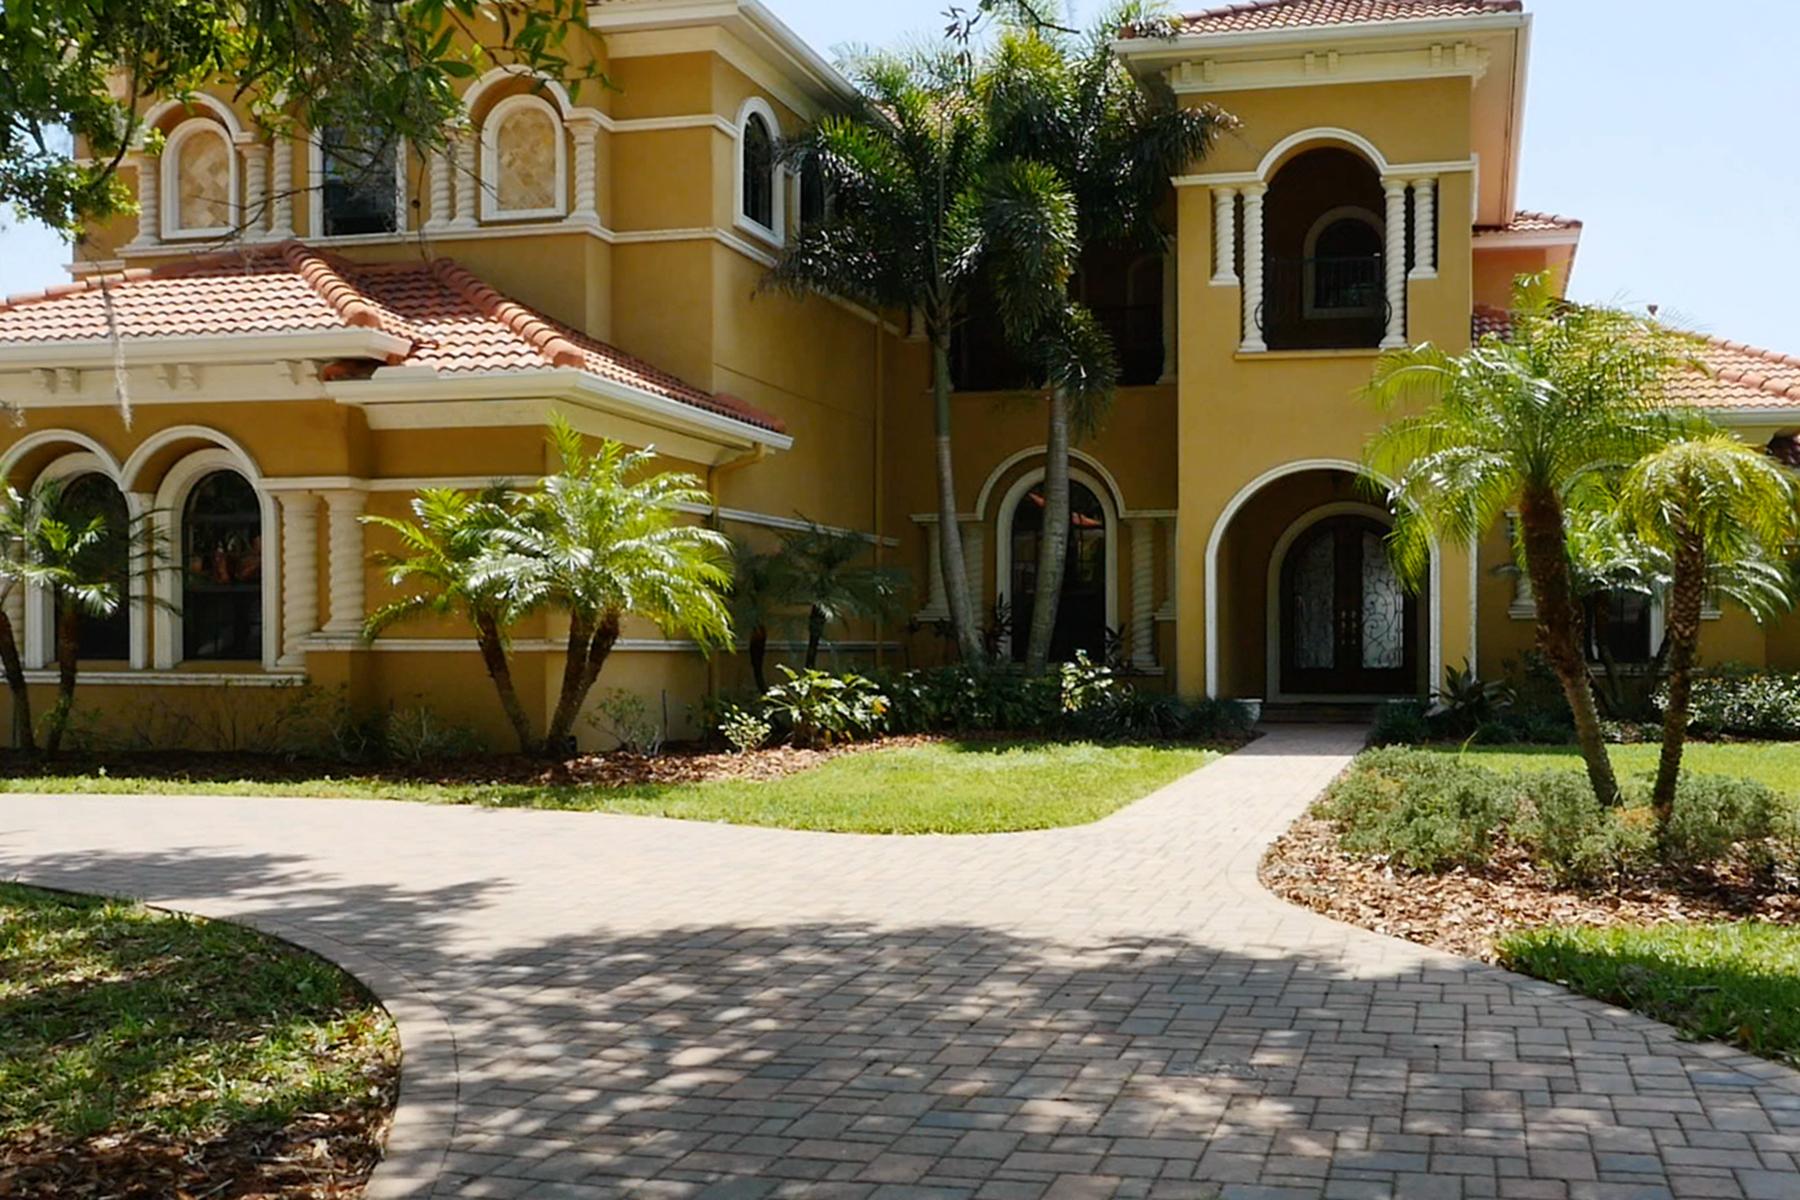 独户住宅 为 销售 在 TAMPA 9528 Tree Tops Lake Rd 坦帕市, 佛罗里达州, 33626 美国